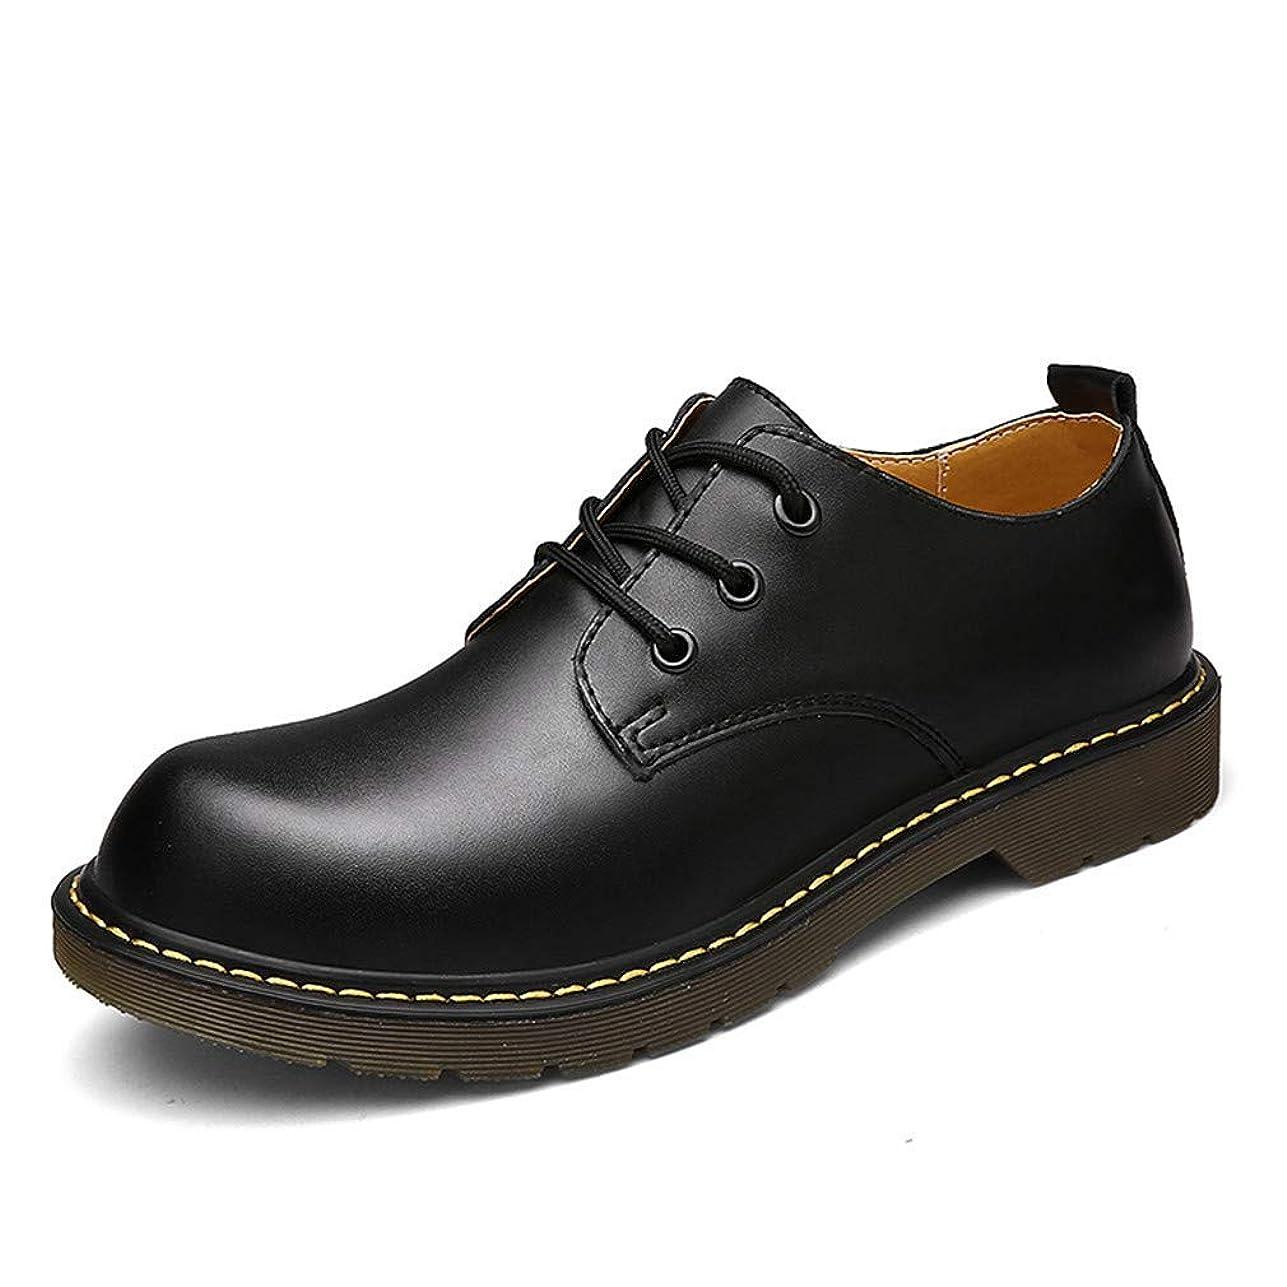 遊びます小売舗装マーチンシューズ メンズ ワークブーツ レースアップ 革靴 ローカット ショットブーツ エンジニアブーツ カジュアルシューズ 大きいサイズ 24.0-29.0cm